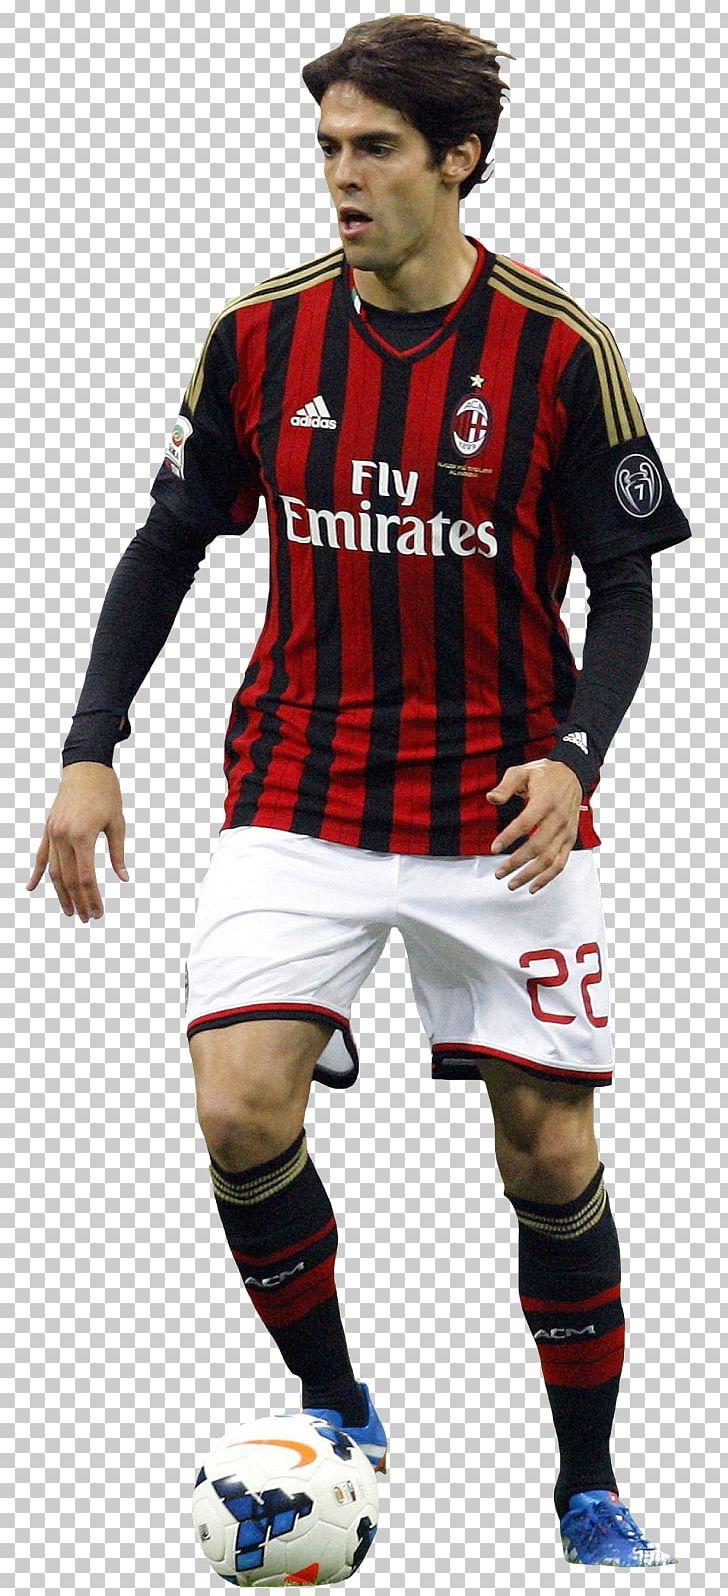 Kaká A.C. Milan Jersey Rendering PNG, Clipart, A.c. Milan, Ac Milan.